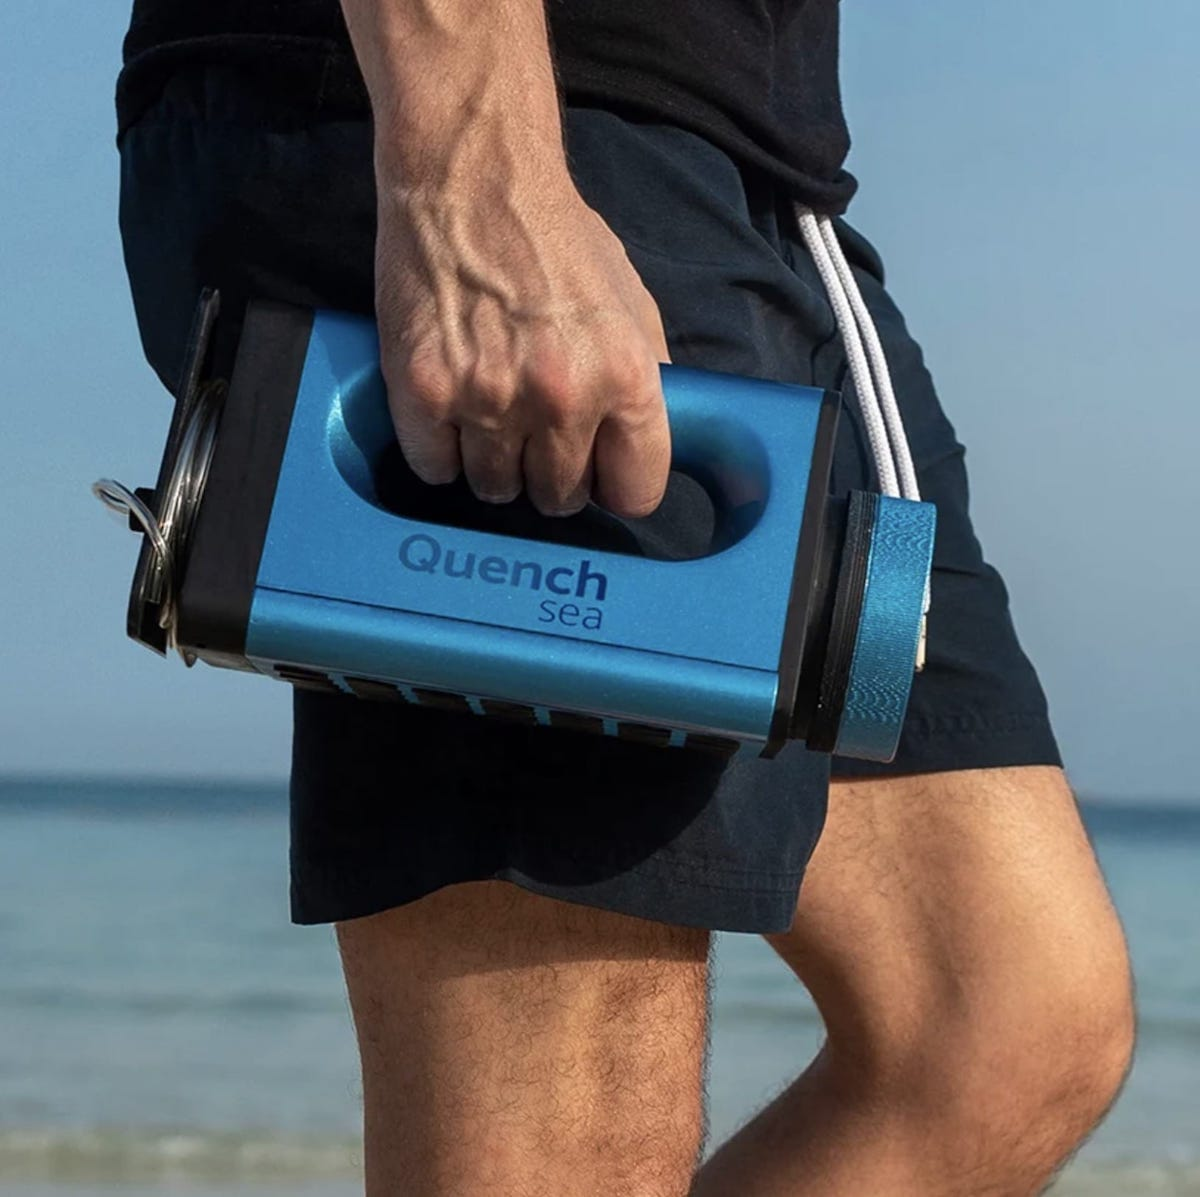 QuenchSea, un dispositivo portátil de bajo coste para convertir agua de mar en agua dulce sin electricidad